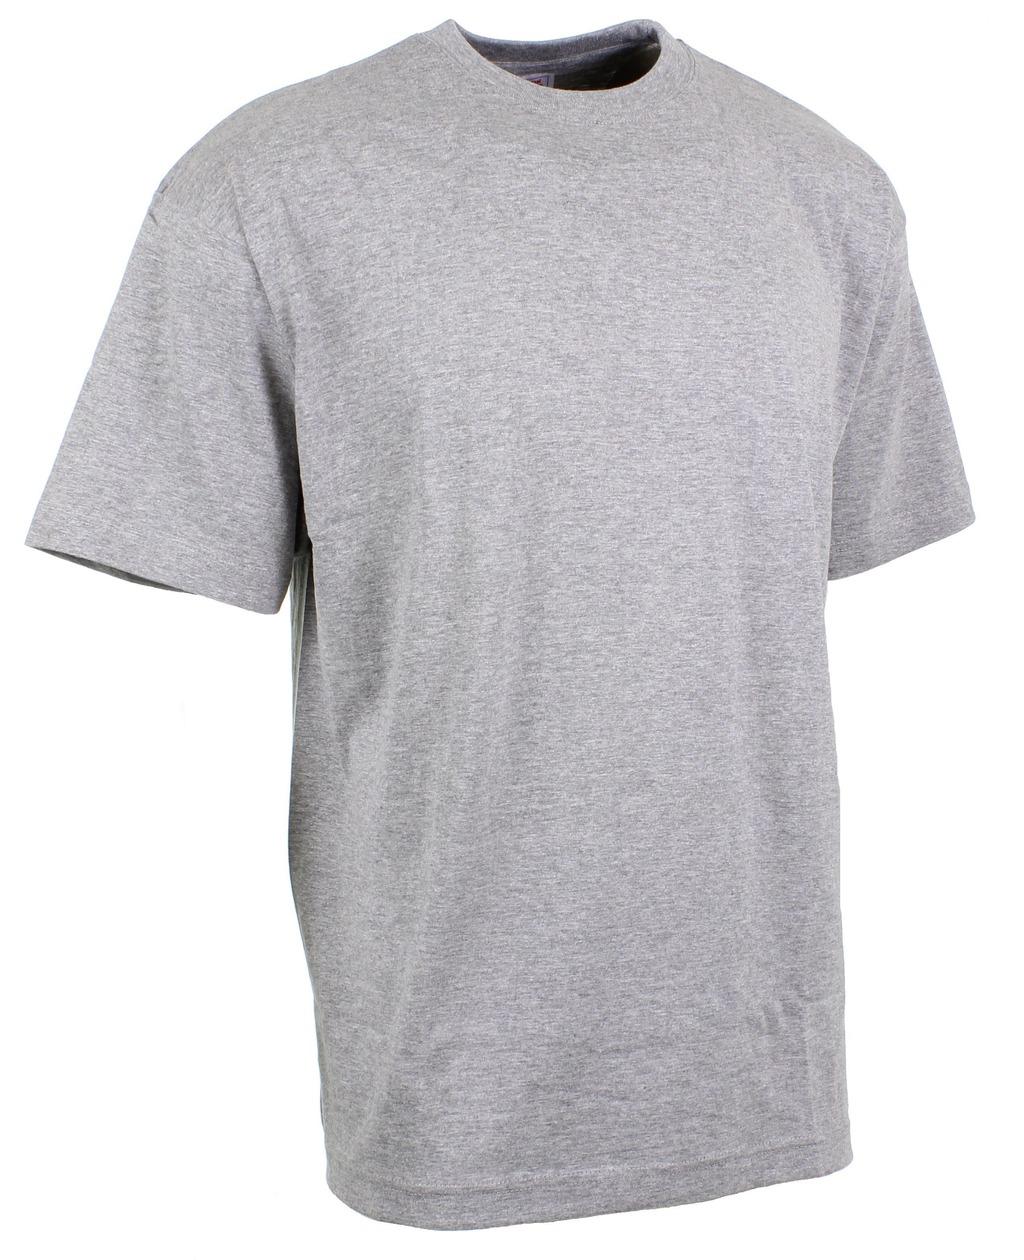 NEW ROADS T-shirt